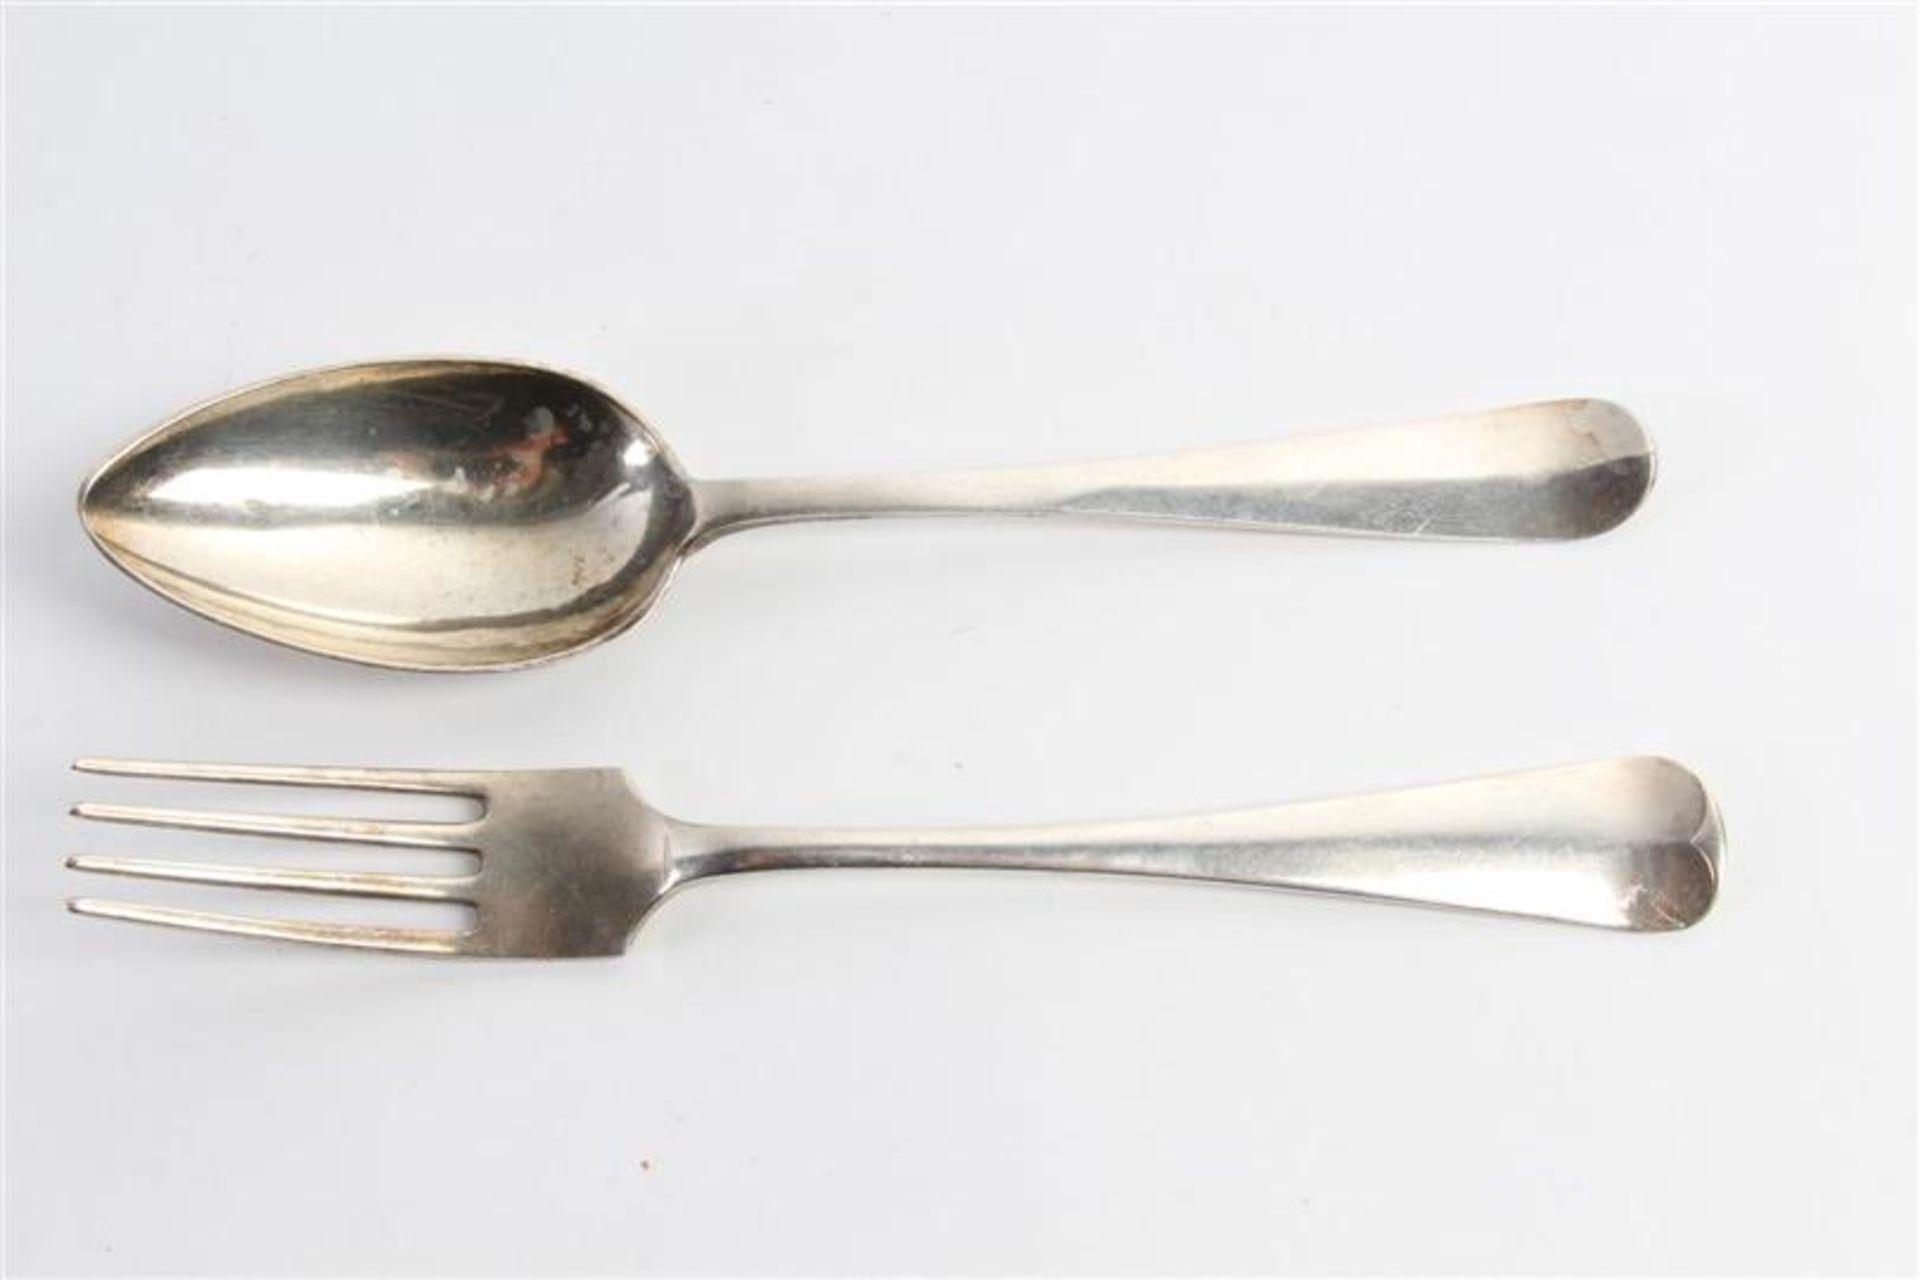 Los 51 - Zeven zilveren couverts, Hollands gekeurd, 2e gehalte, diverse keuren. Gewicht: 688 g.